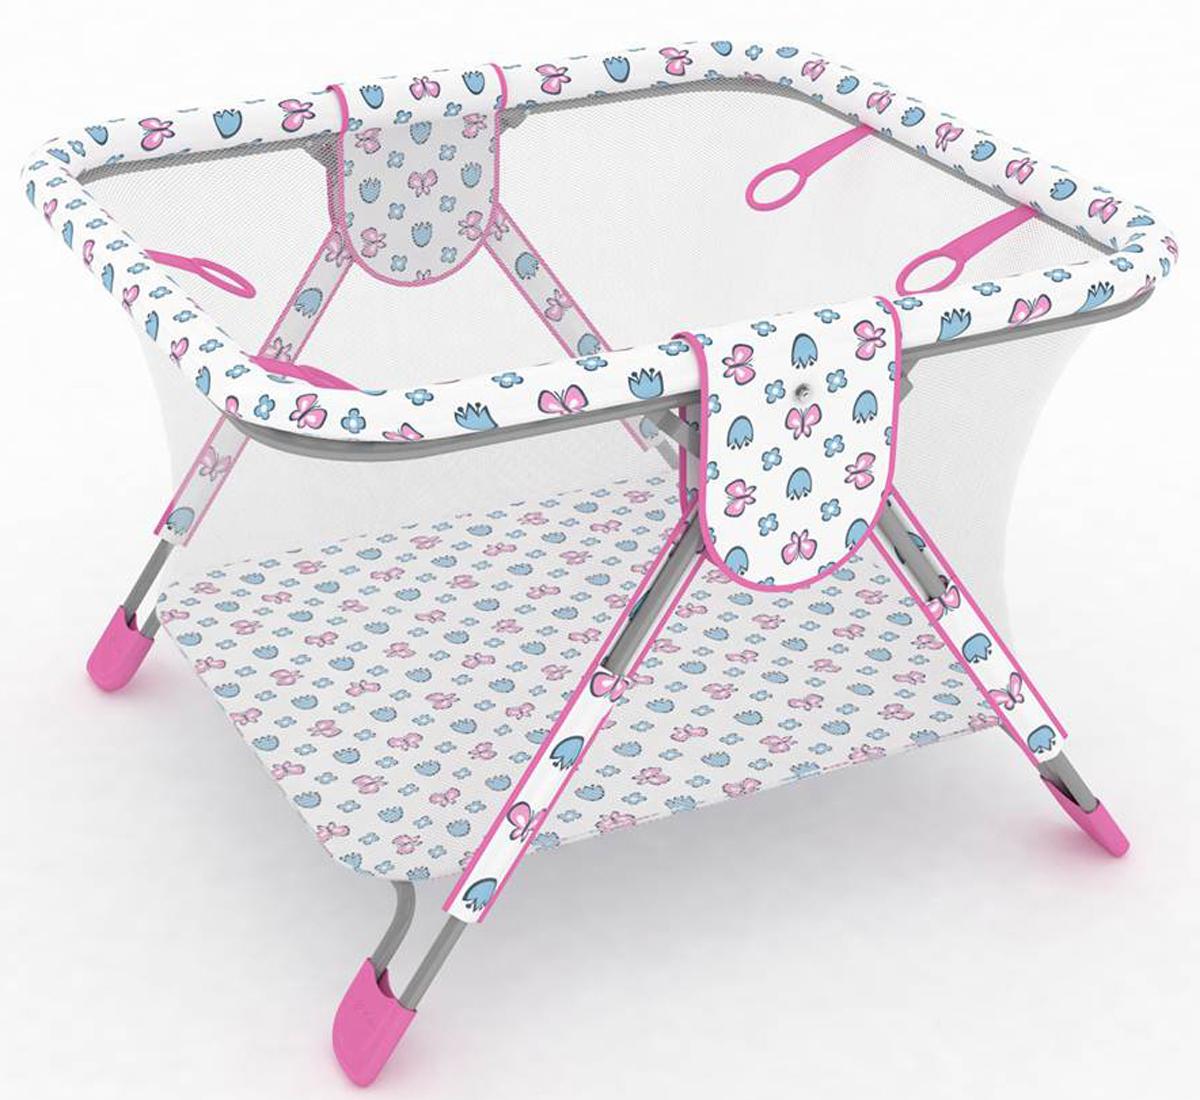 Фея Манеж Книжка Экстра цвет розовый0001026-2Описание:- манеж имеет 4 ручки-кольца для ребенка, - дно и края манежа мягкие, чтобы защитить ребенка от ушибов,- сетка с круговым обзором соответствует всем нормам безопасности,- покрытие легко моется, - рисунки выполнены нетоксичной краской,- легко и компактно складывается,- занимает мало места при хранении.